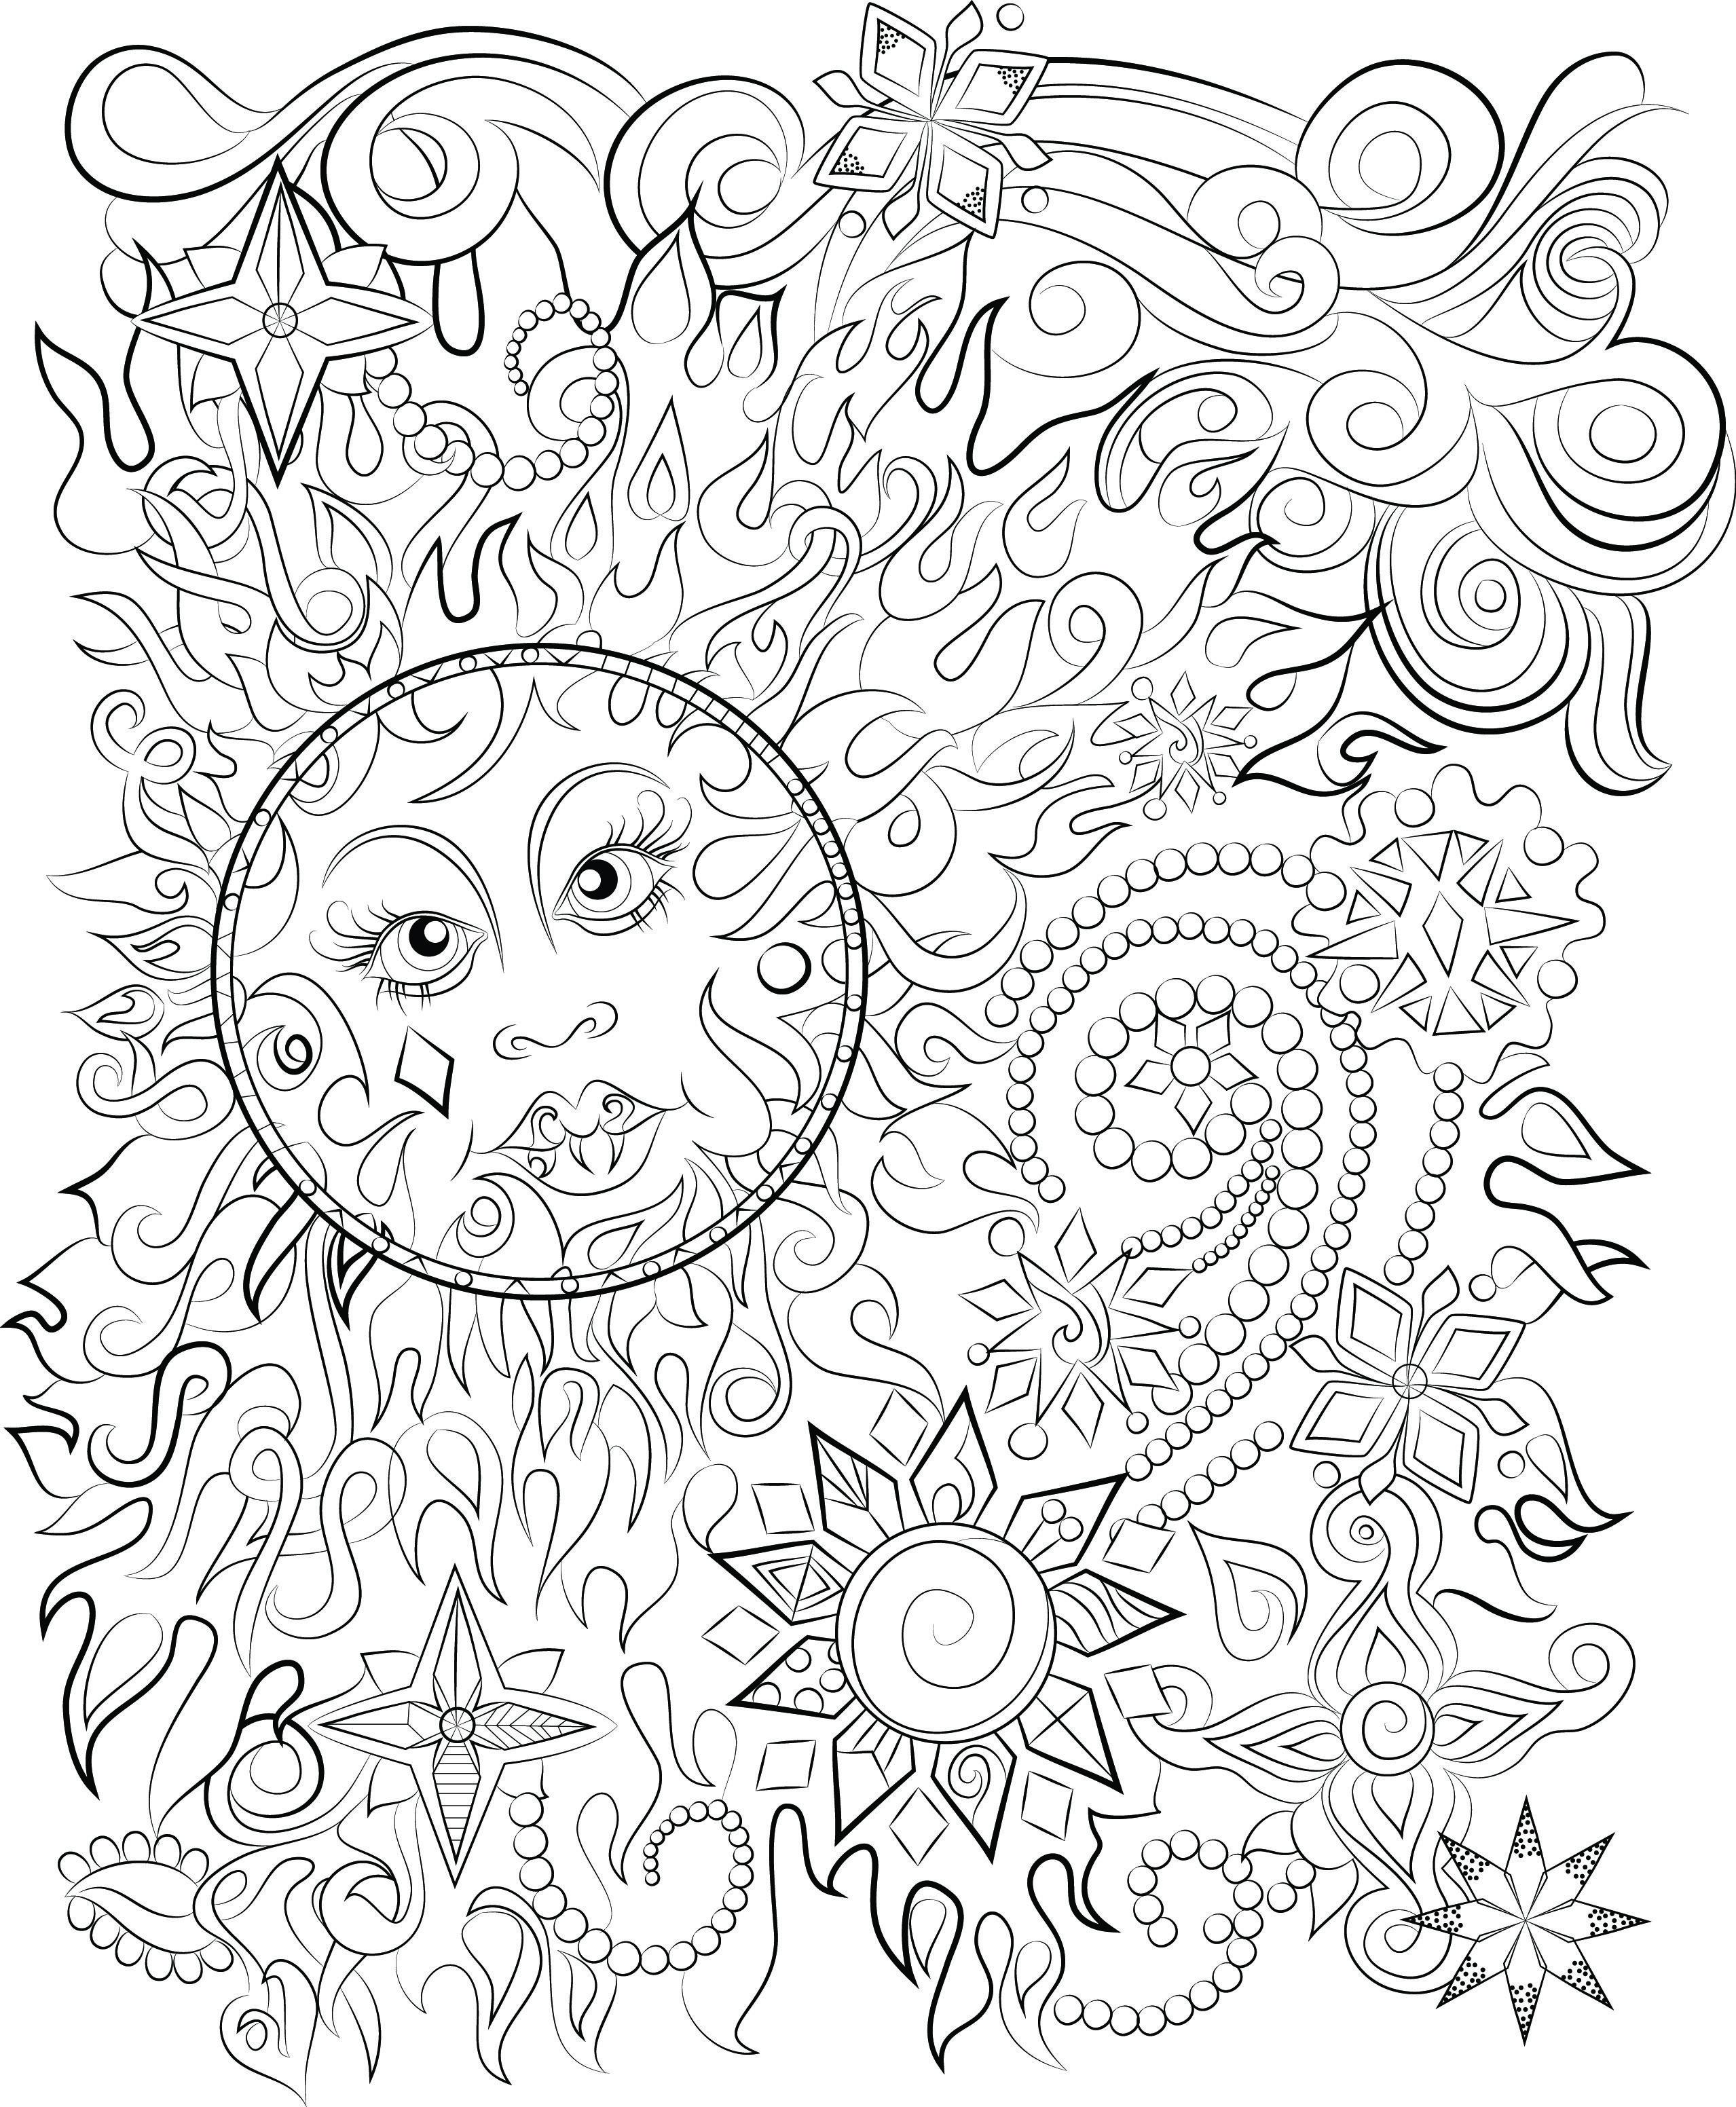 Pin de Rosa María en Dibujos 05   Pinterest   Dibujo y Arte